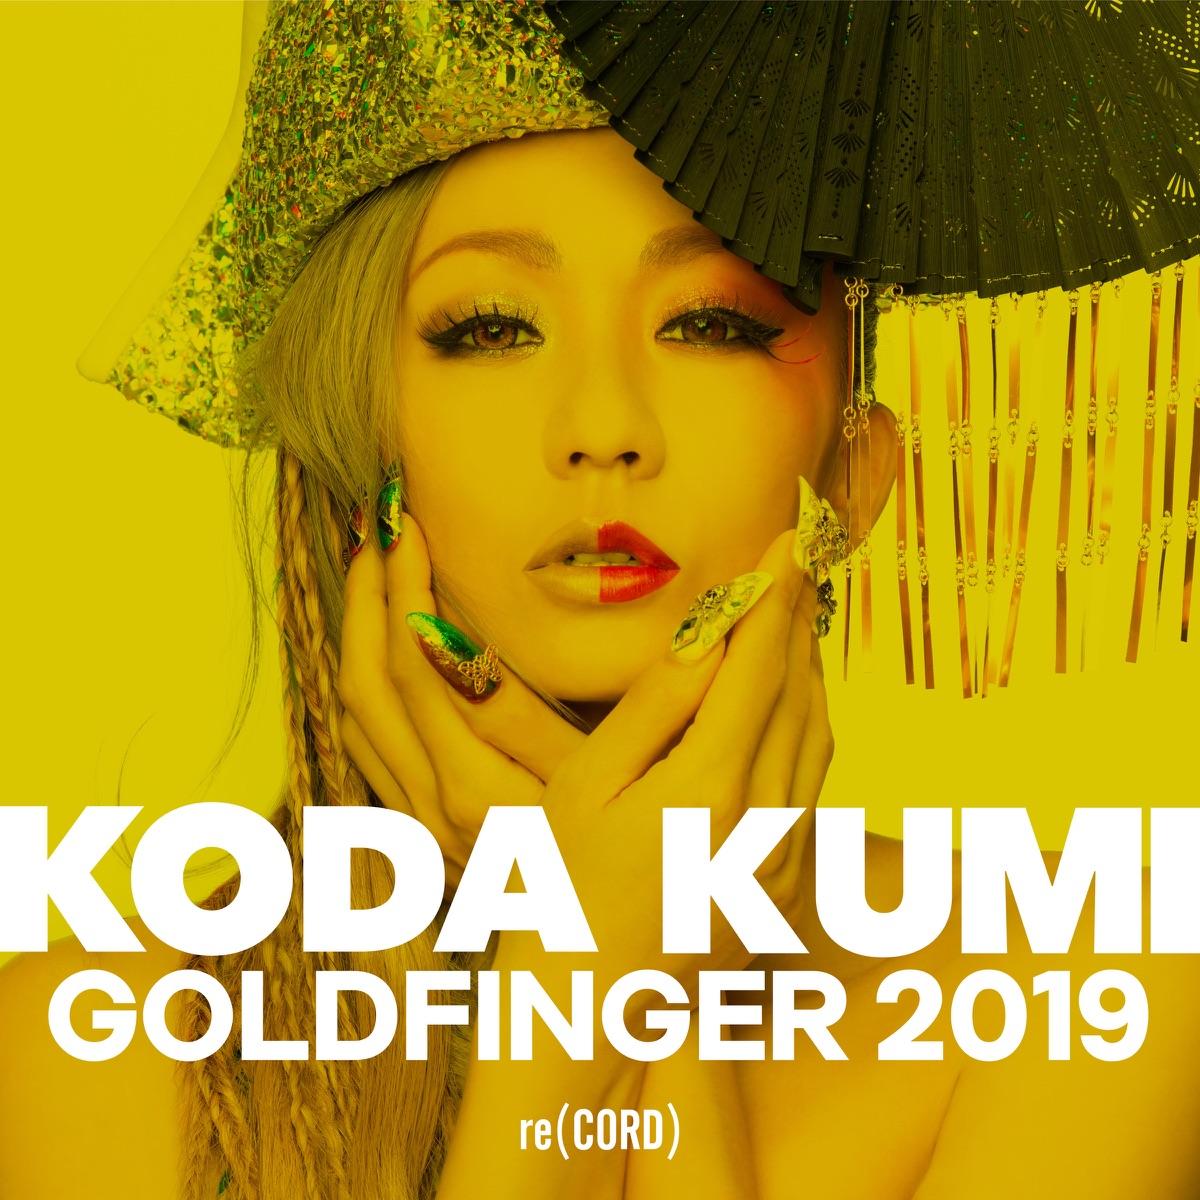 『倖田來未 - GOLDFINGER 2019』収録の『GOLDFINGER 2019』ジャケット